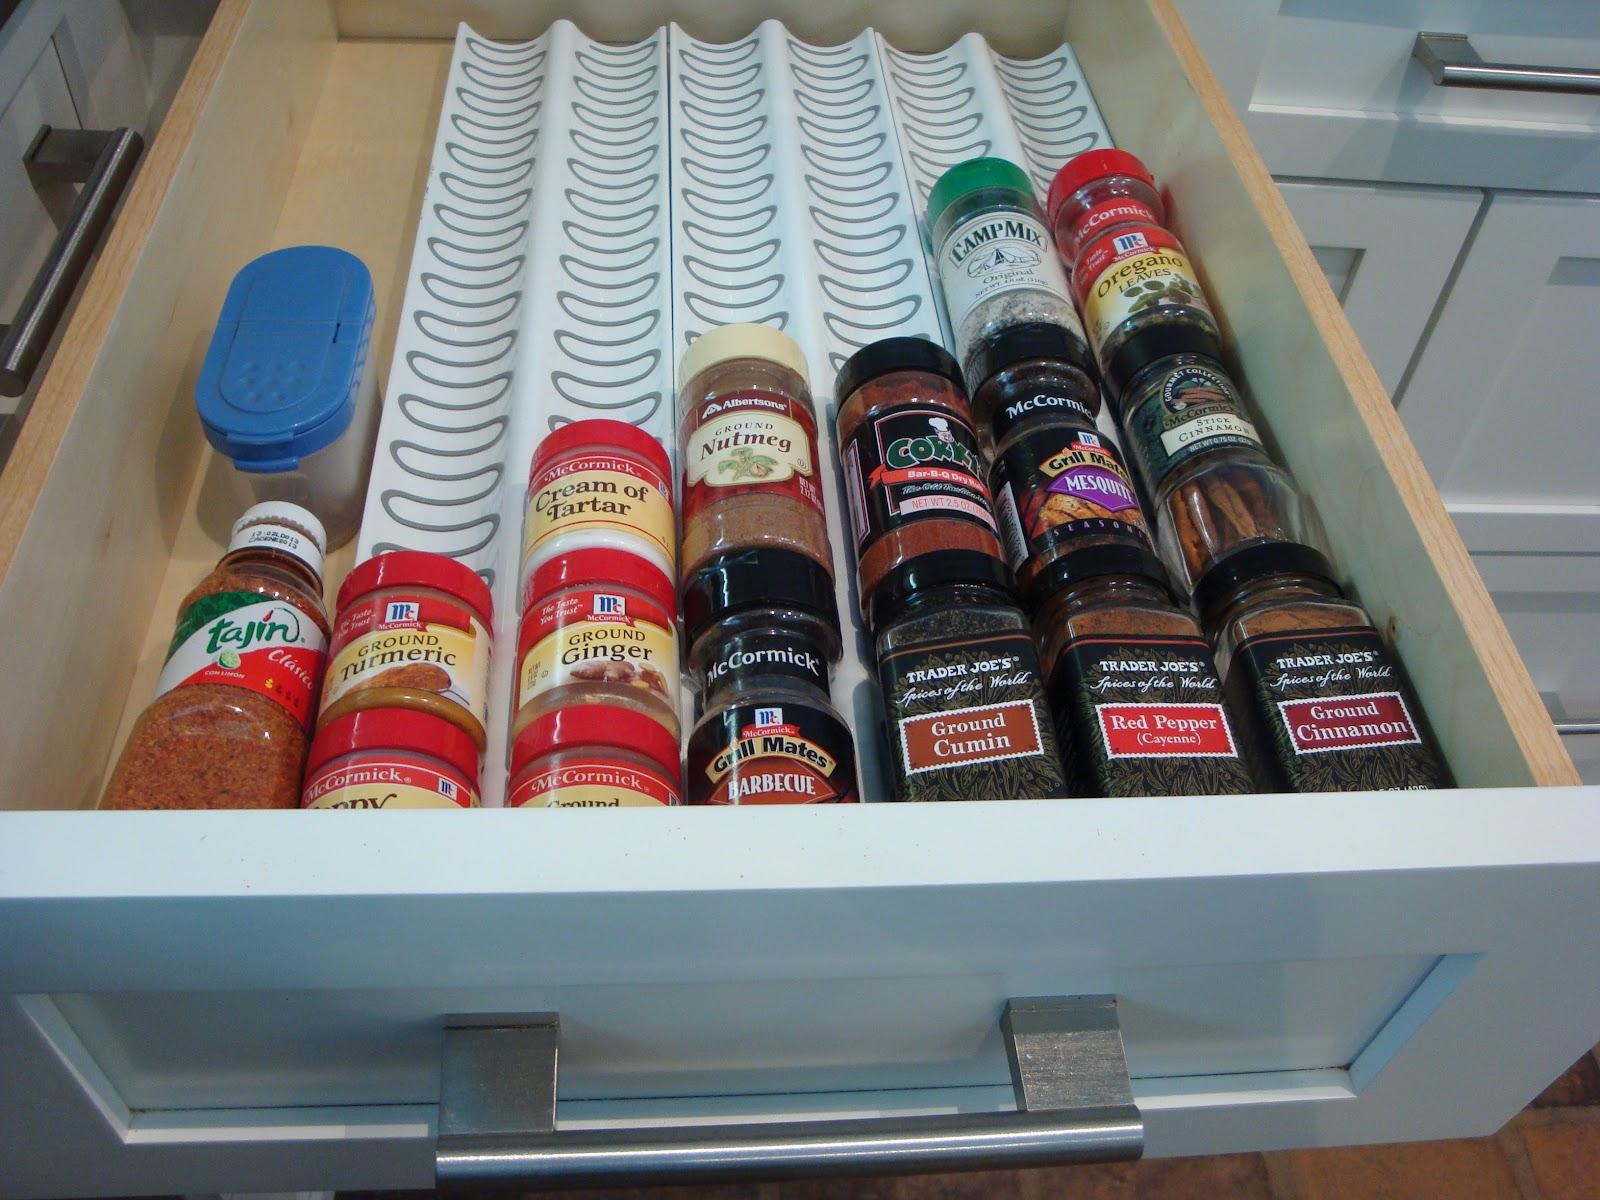 Kitchen drawer inserts for spices - Kitchen Drawer Inserts For Spices Kitchen Drawer Inserts For Spices Kitchen Drawer Inserts For Spices